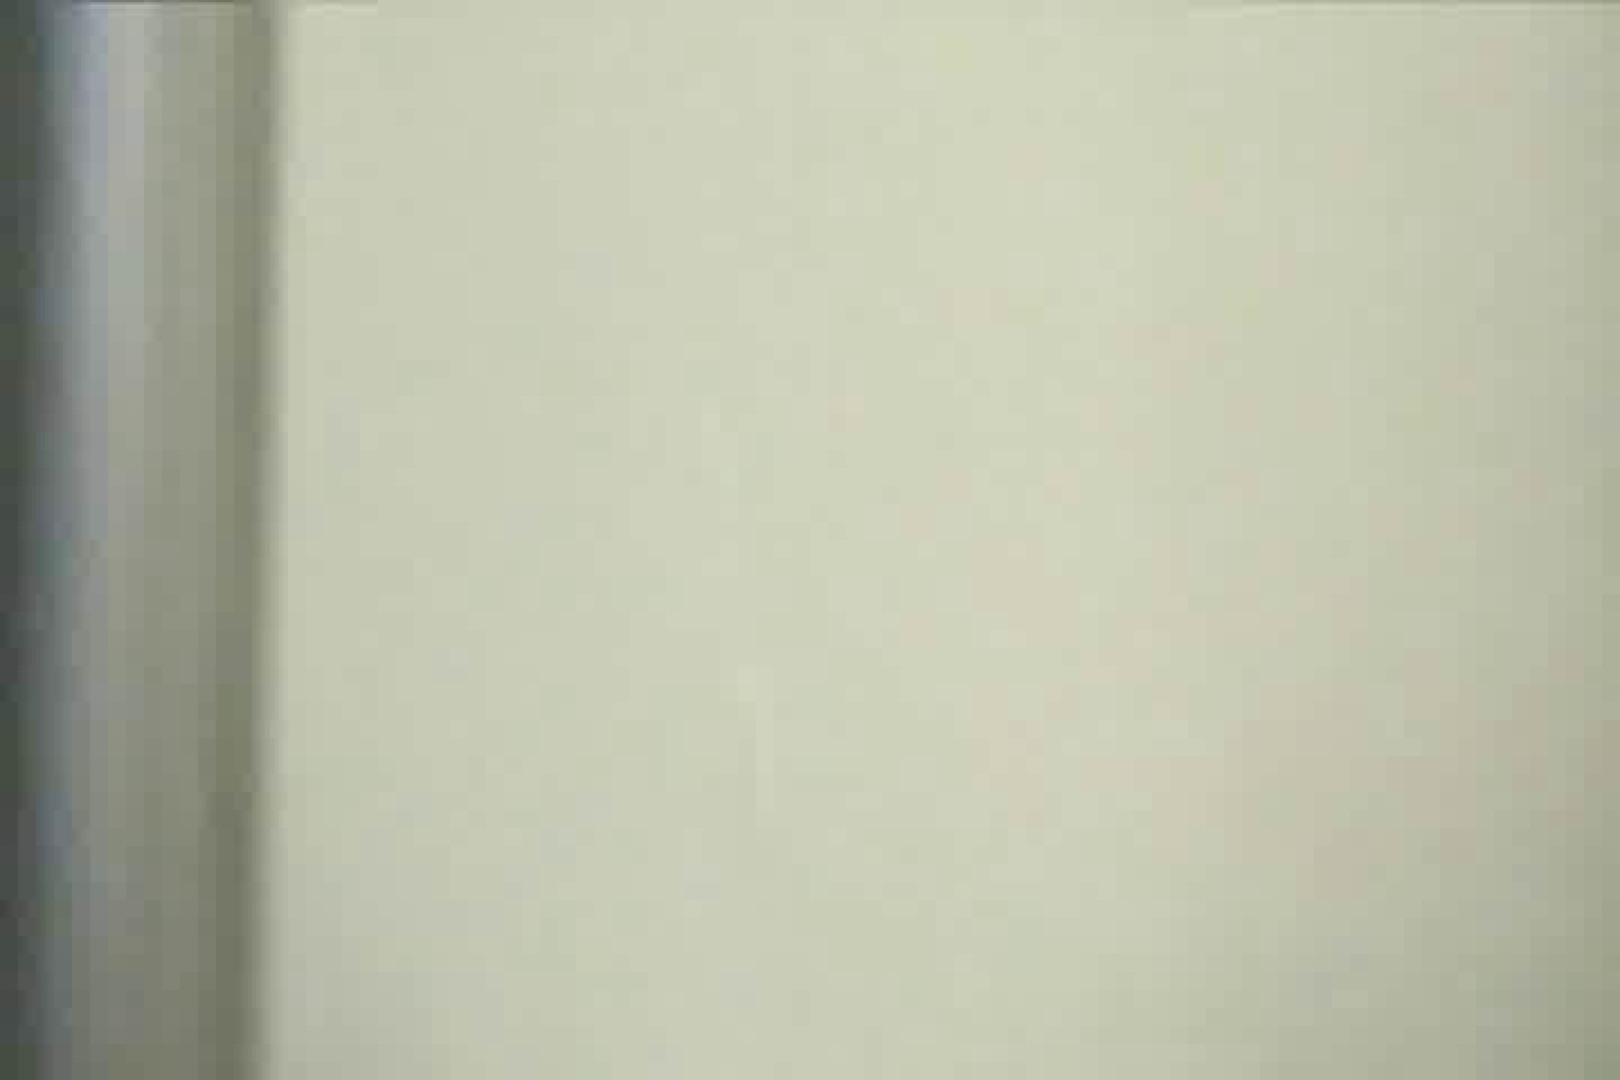 マンコ丸見え女子洗面所Vol.22 美しいOLの裸体  72pic 20